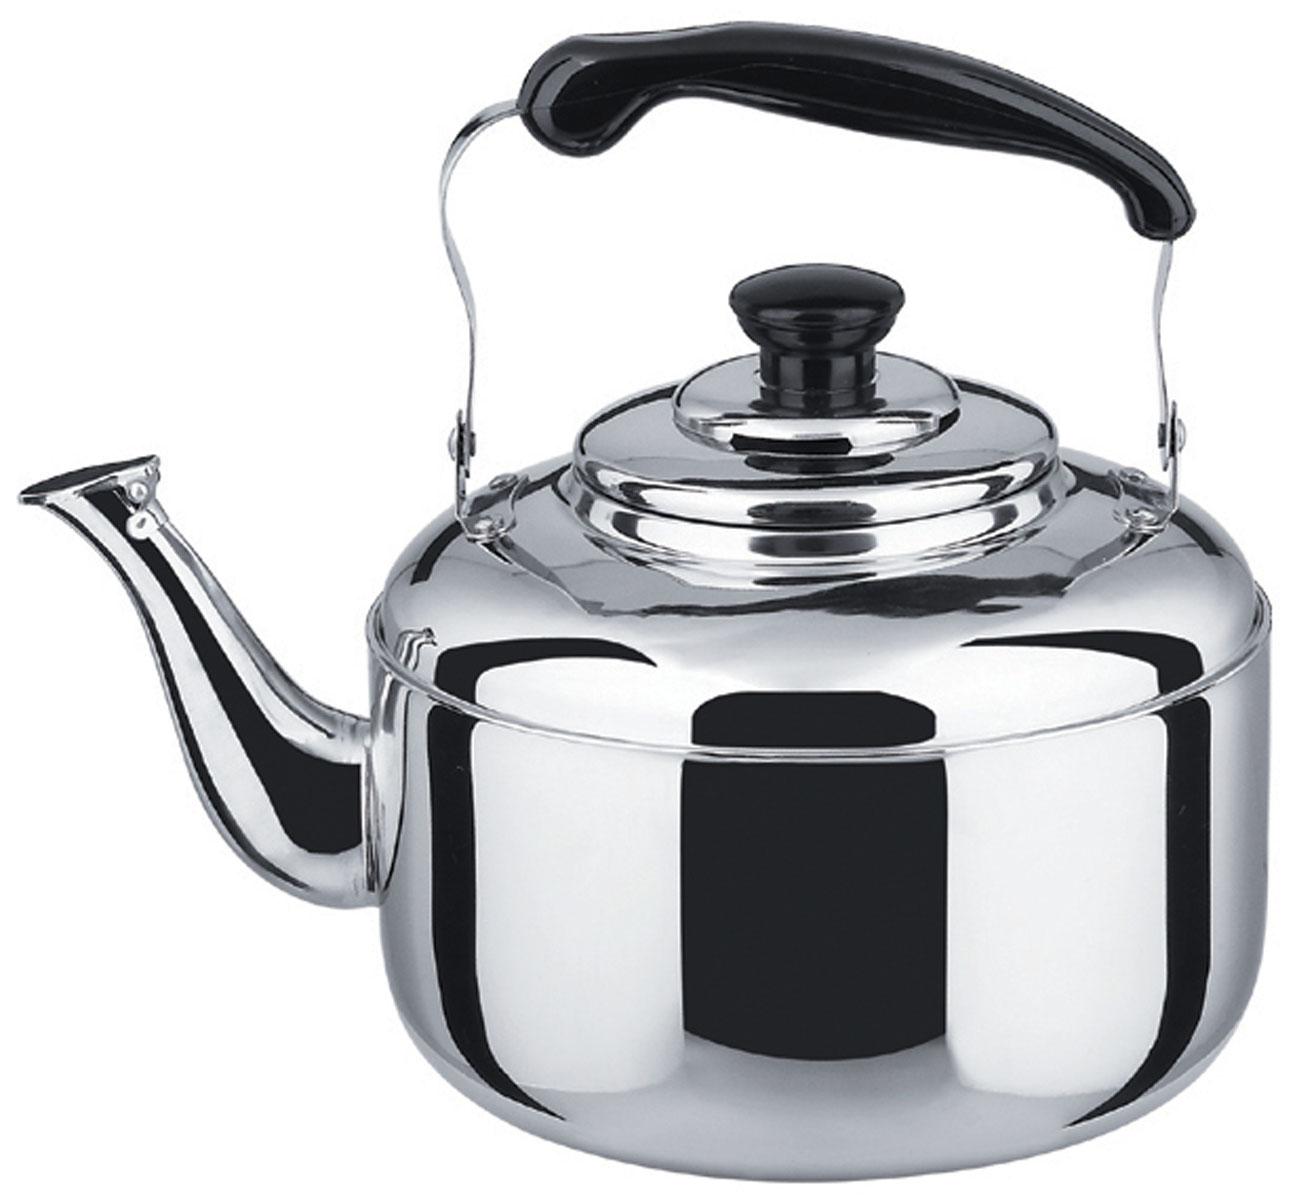 Чайник Bekker Koch со свистком, 2 л. BK-S485BK-S485Чайник Bekker Koch изготовлен из высококачественной нержавеющей стали с зеркальной полировкой. Цельнометаллическое дно распределяет тепло по всей поверхности, что позволяет чайнику быстро закипать. Эргономичная подвижная ручка выполнена из нержавеющей стали и бакелита черного цвета. Носик оснащен откидным свистком, который подскажет, когда вода закипела. Широкое отверстие по верхнему краю позволяет удобно наливать воду. Подходит для всех типов плит, включая индукционные. Можно мыть в посудомоечной машине.